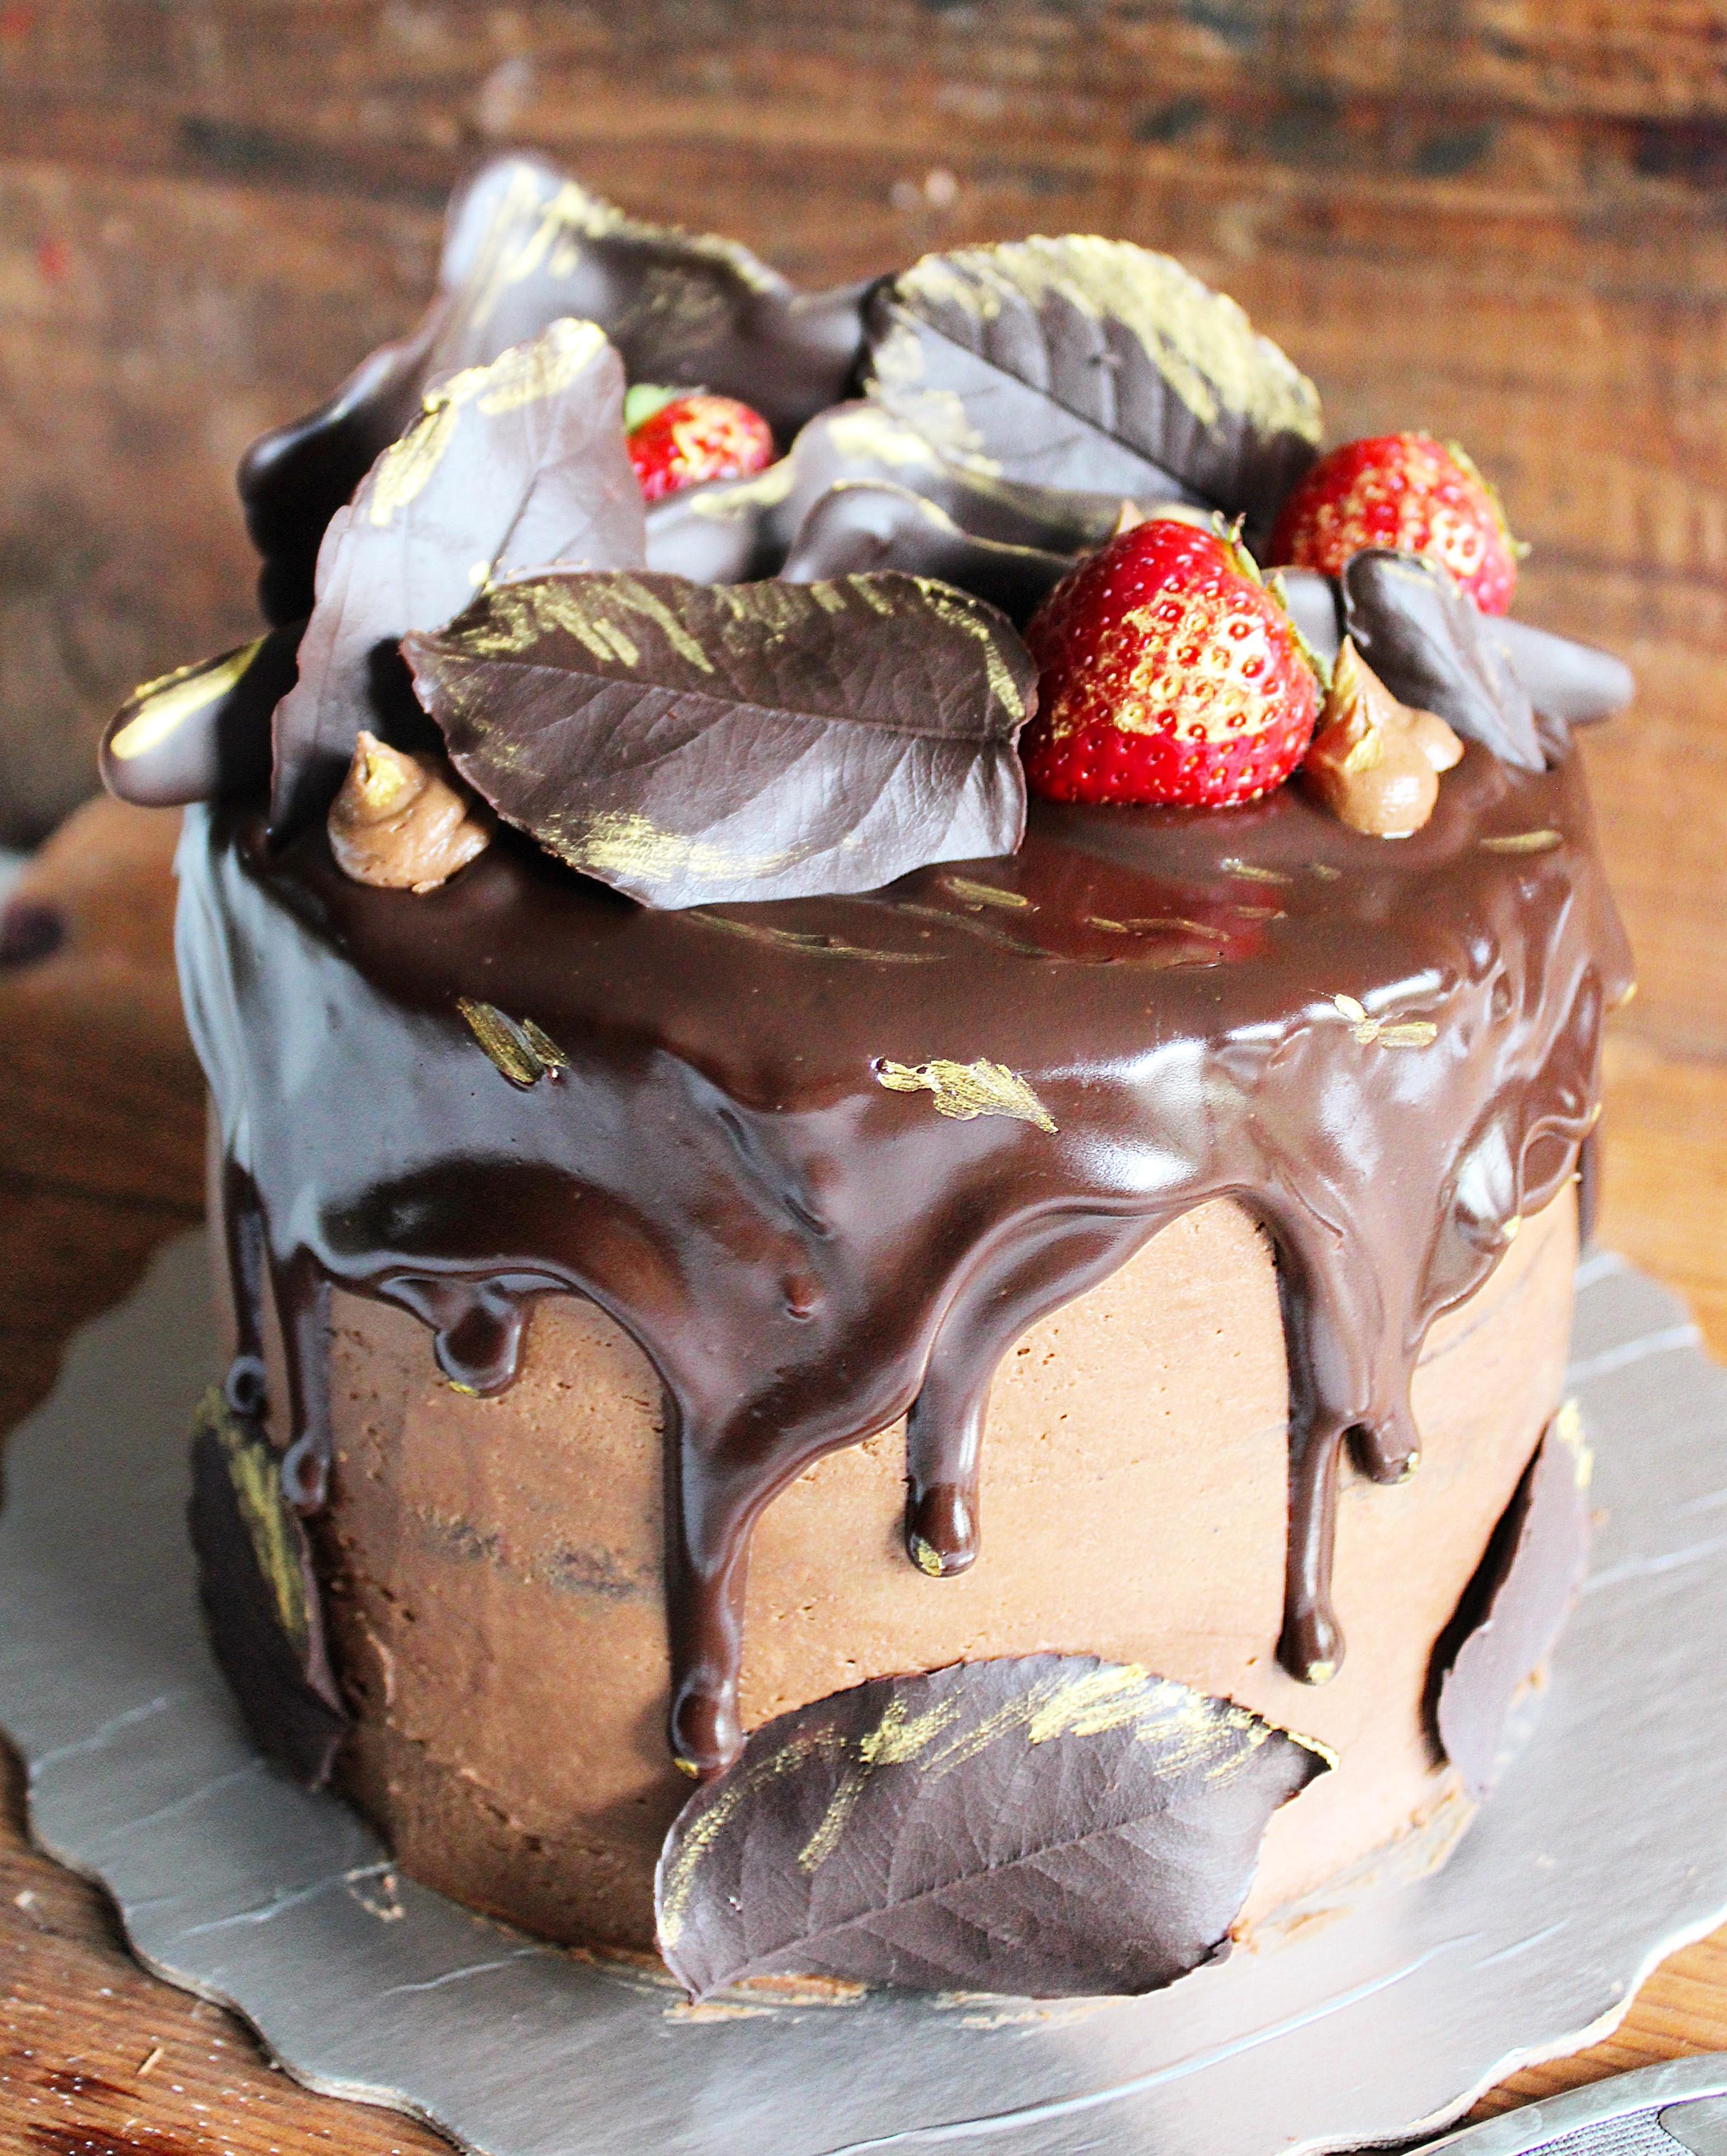 Best Chocolate Cake Eyedocbakes